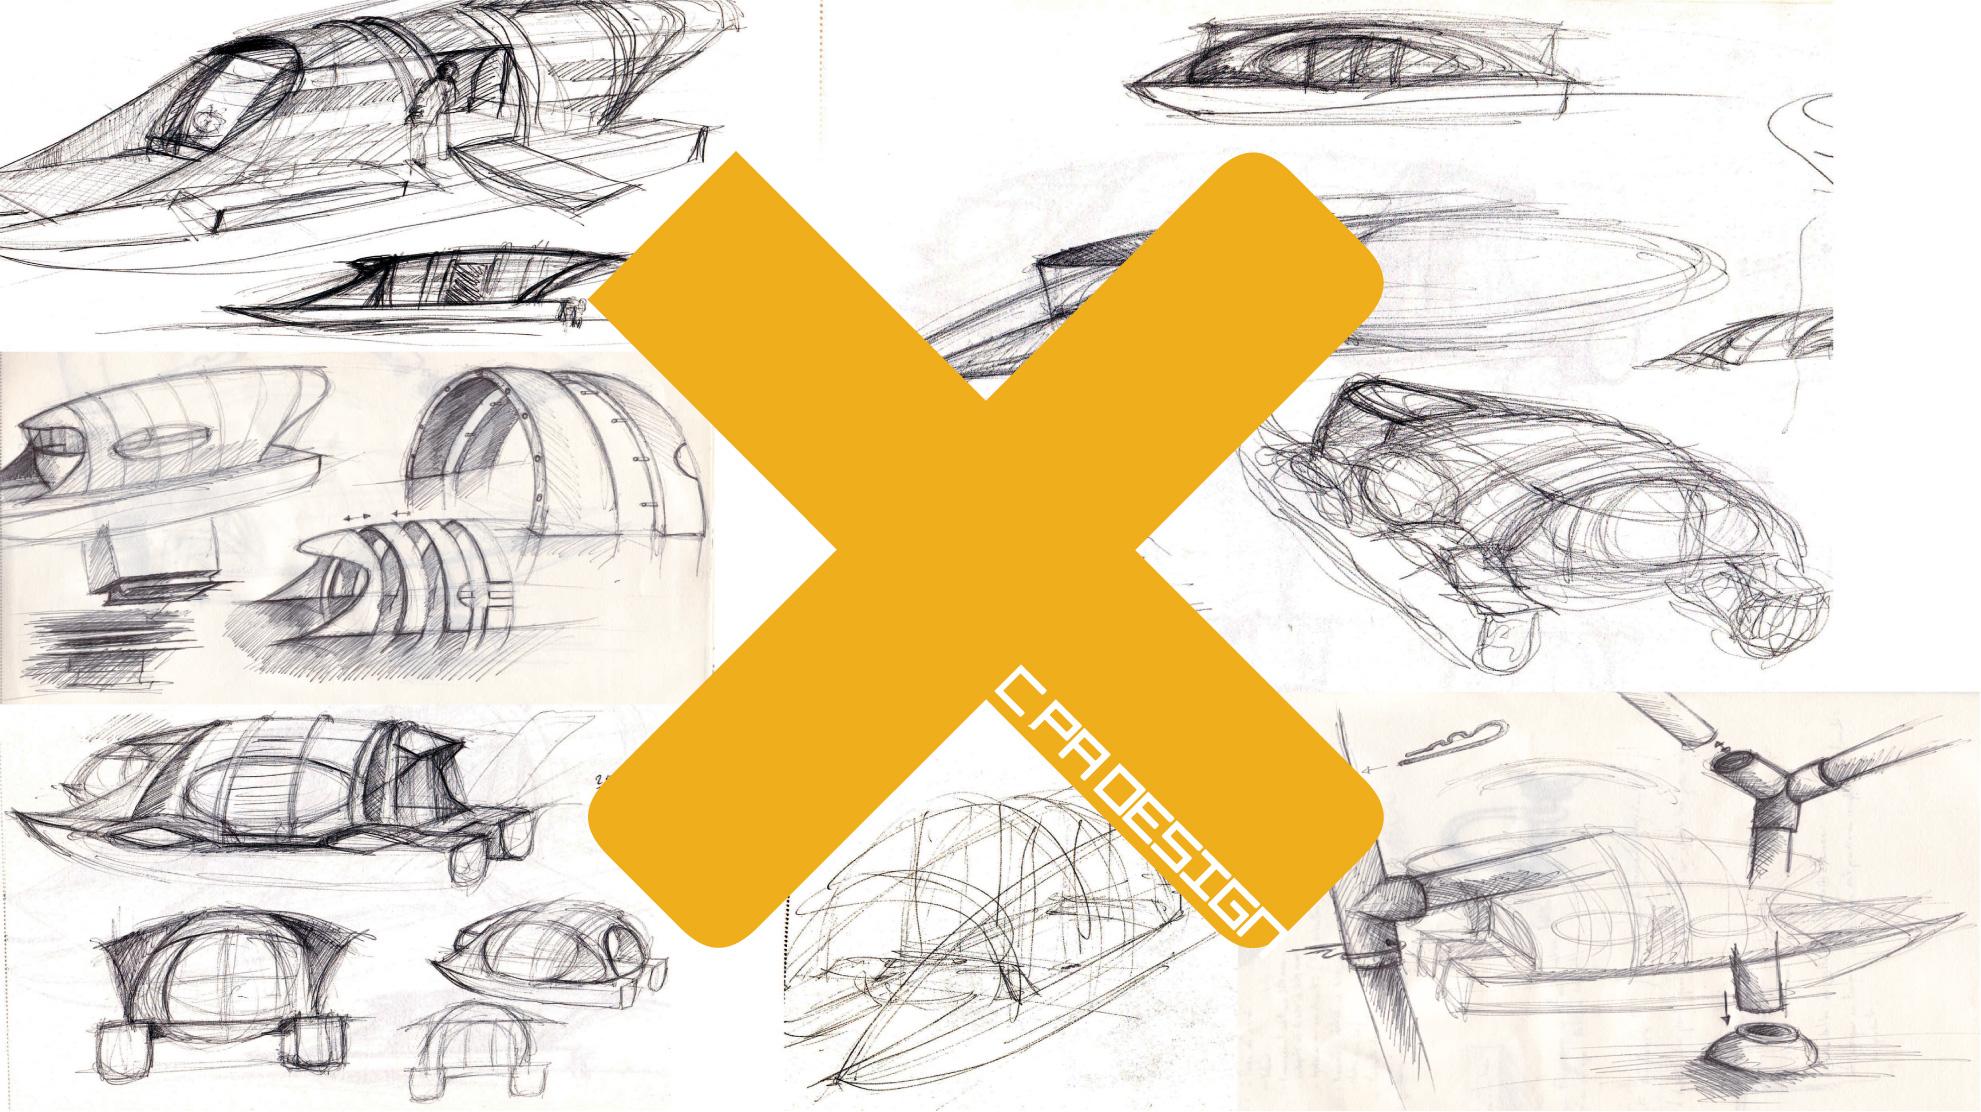 c_pa_design_produit_dessin-croquis-visuel-concept-transport-vectoriel